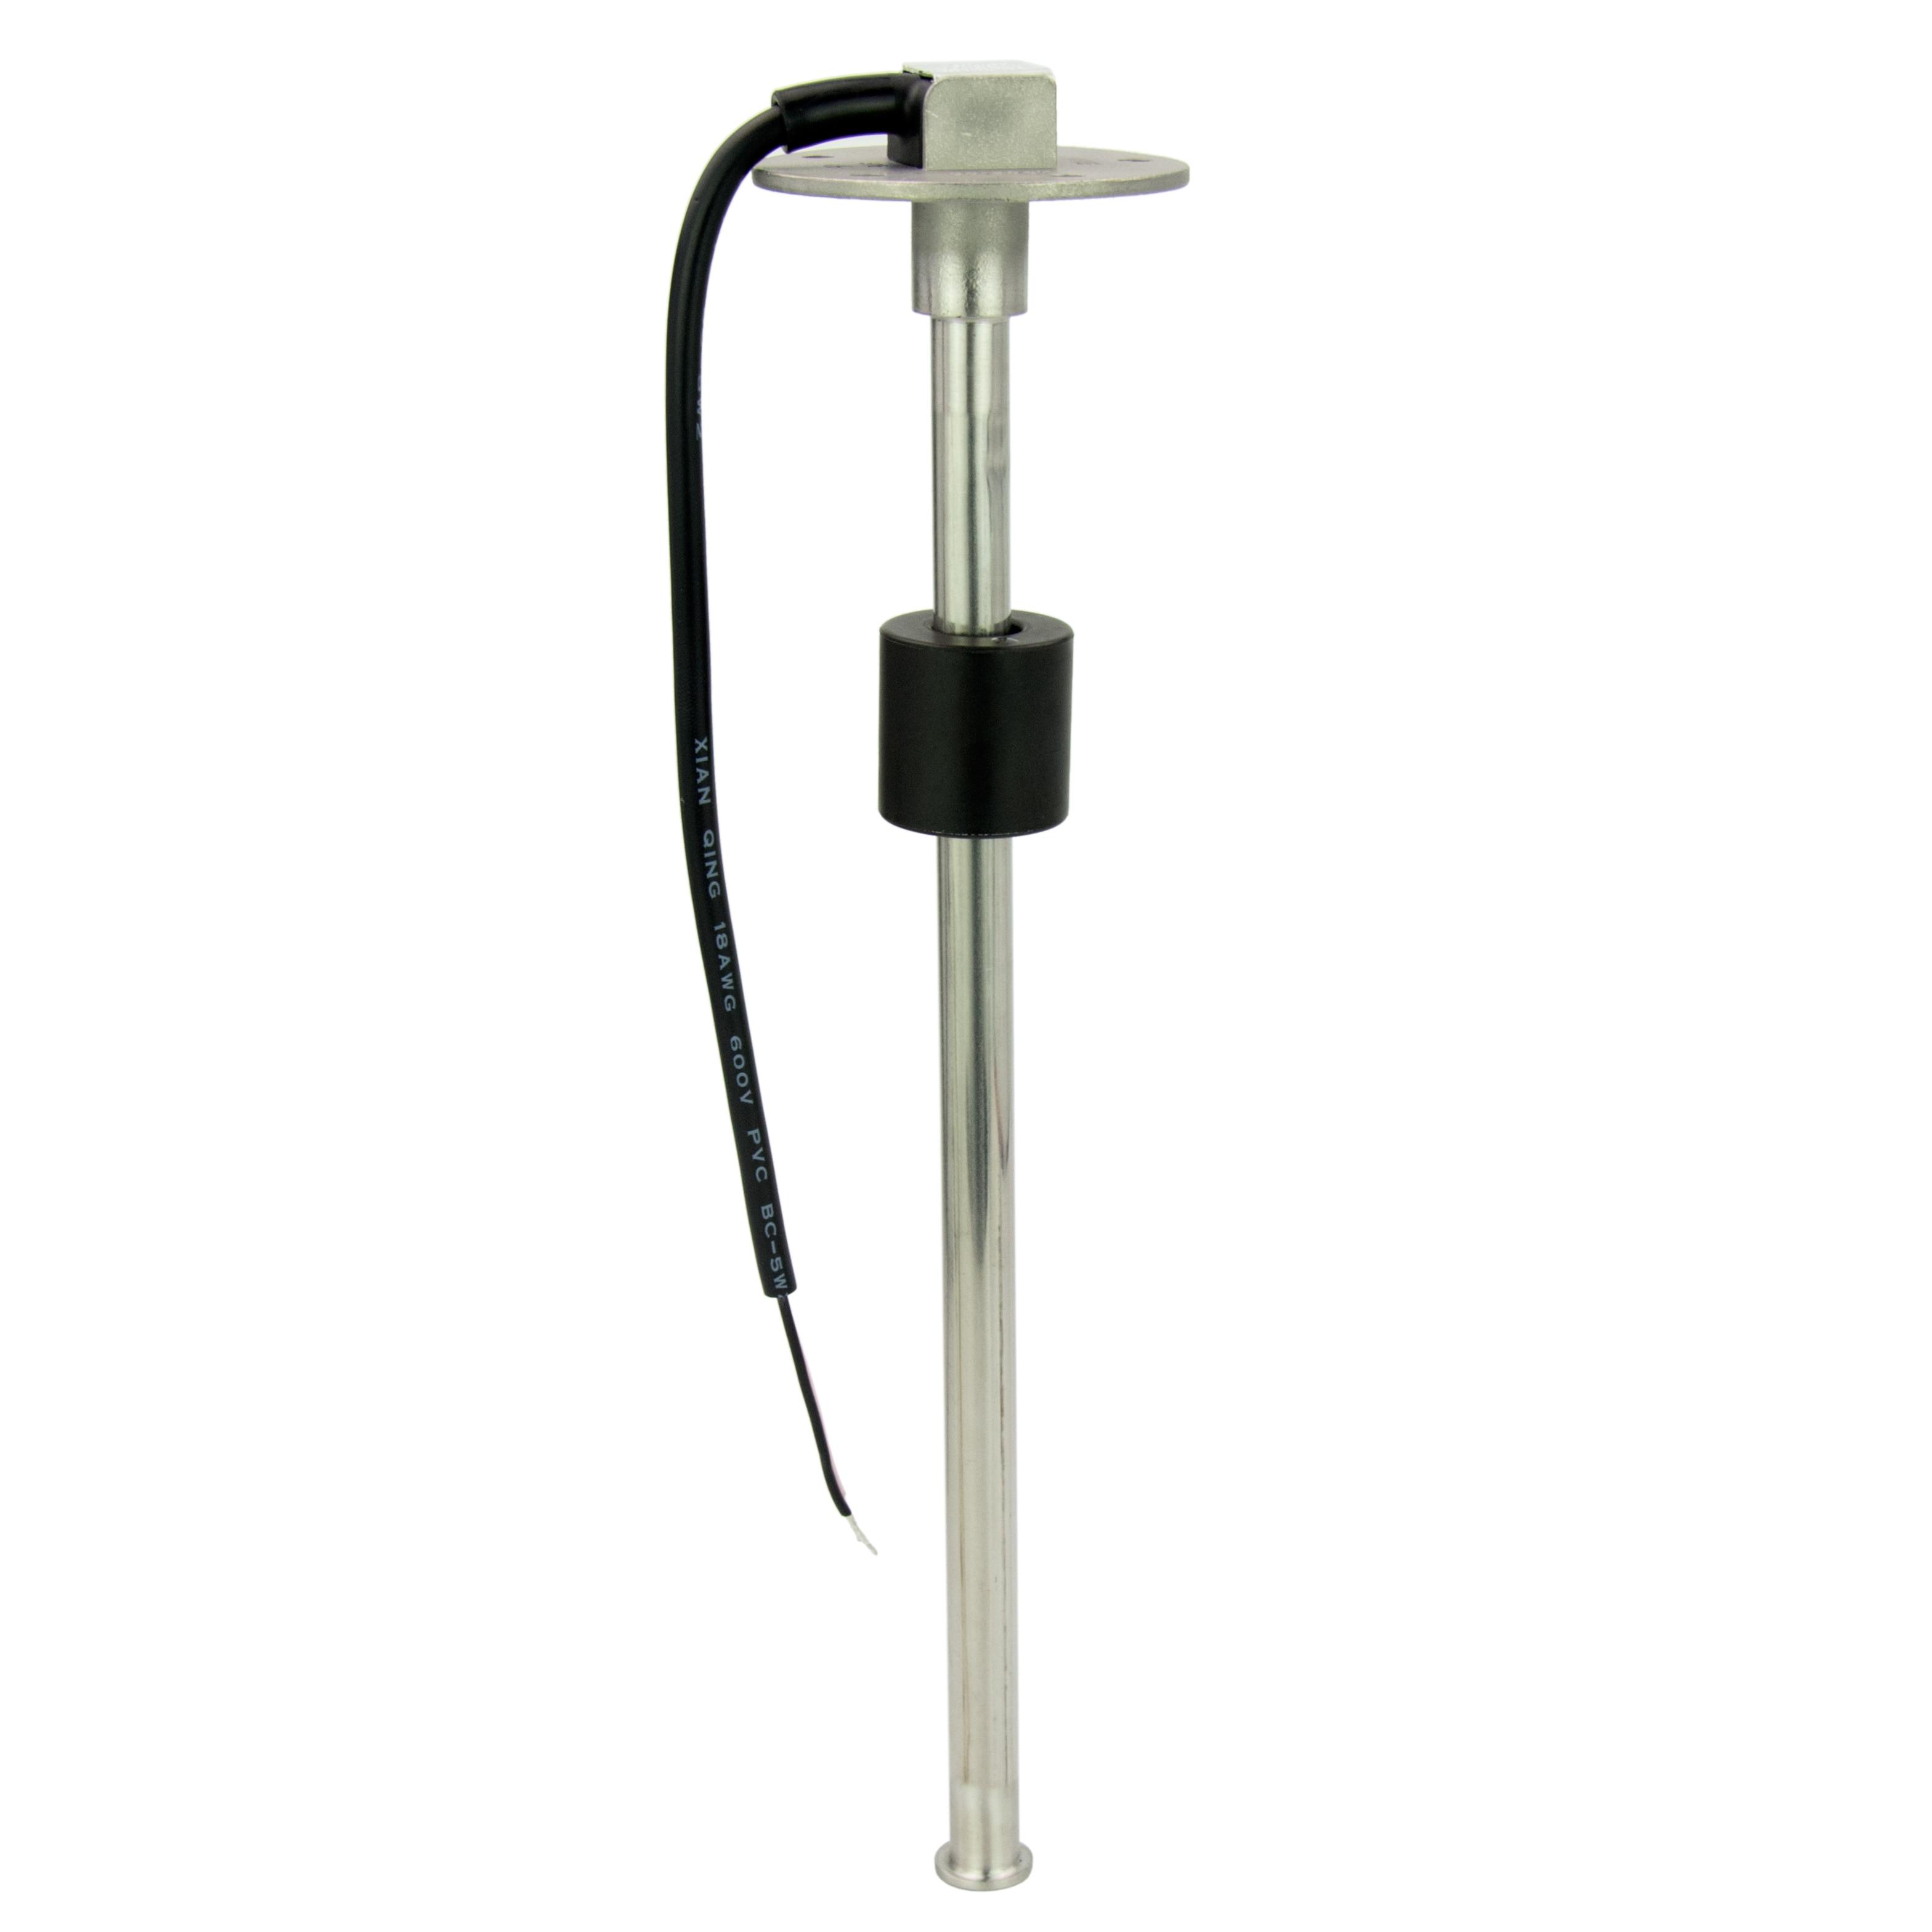 Kraftstoff Wasserstand Sensor für Boot LKW Generatoren //Generatorsatz 200mm